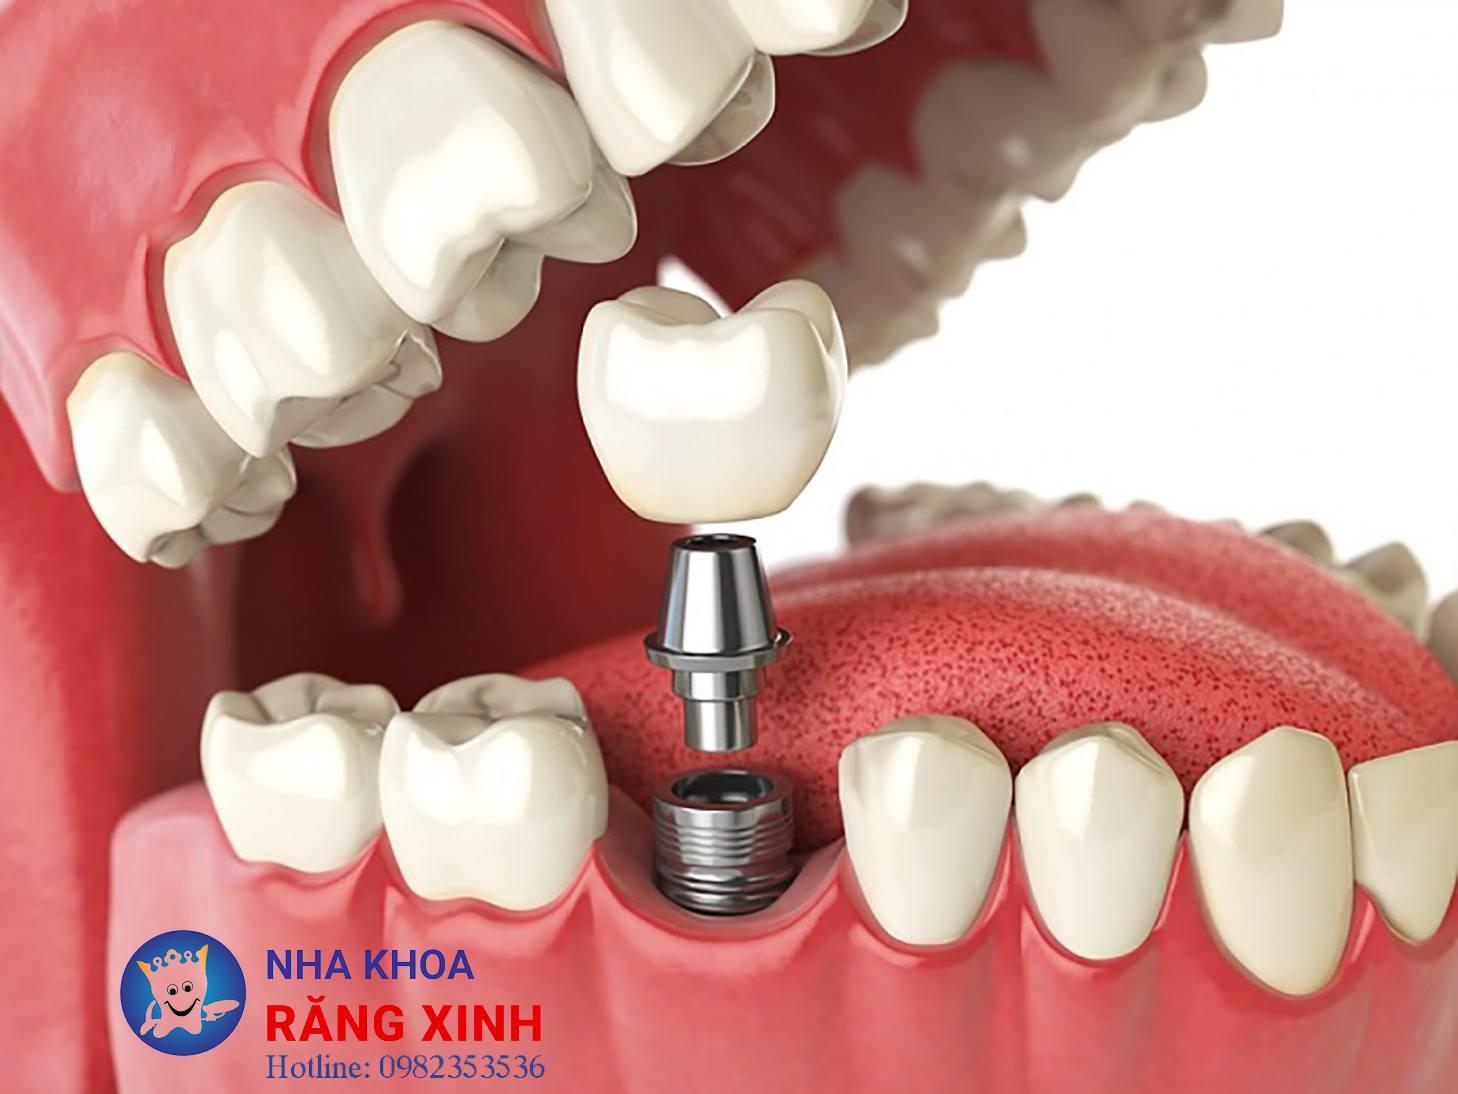 Cấy Implant tại Vinh an toàn uy tín